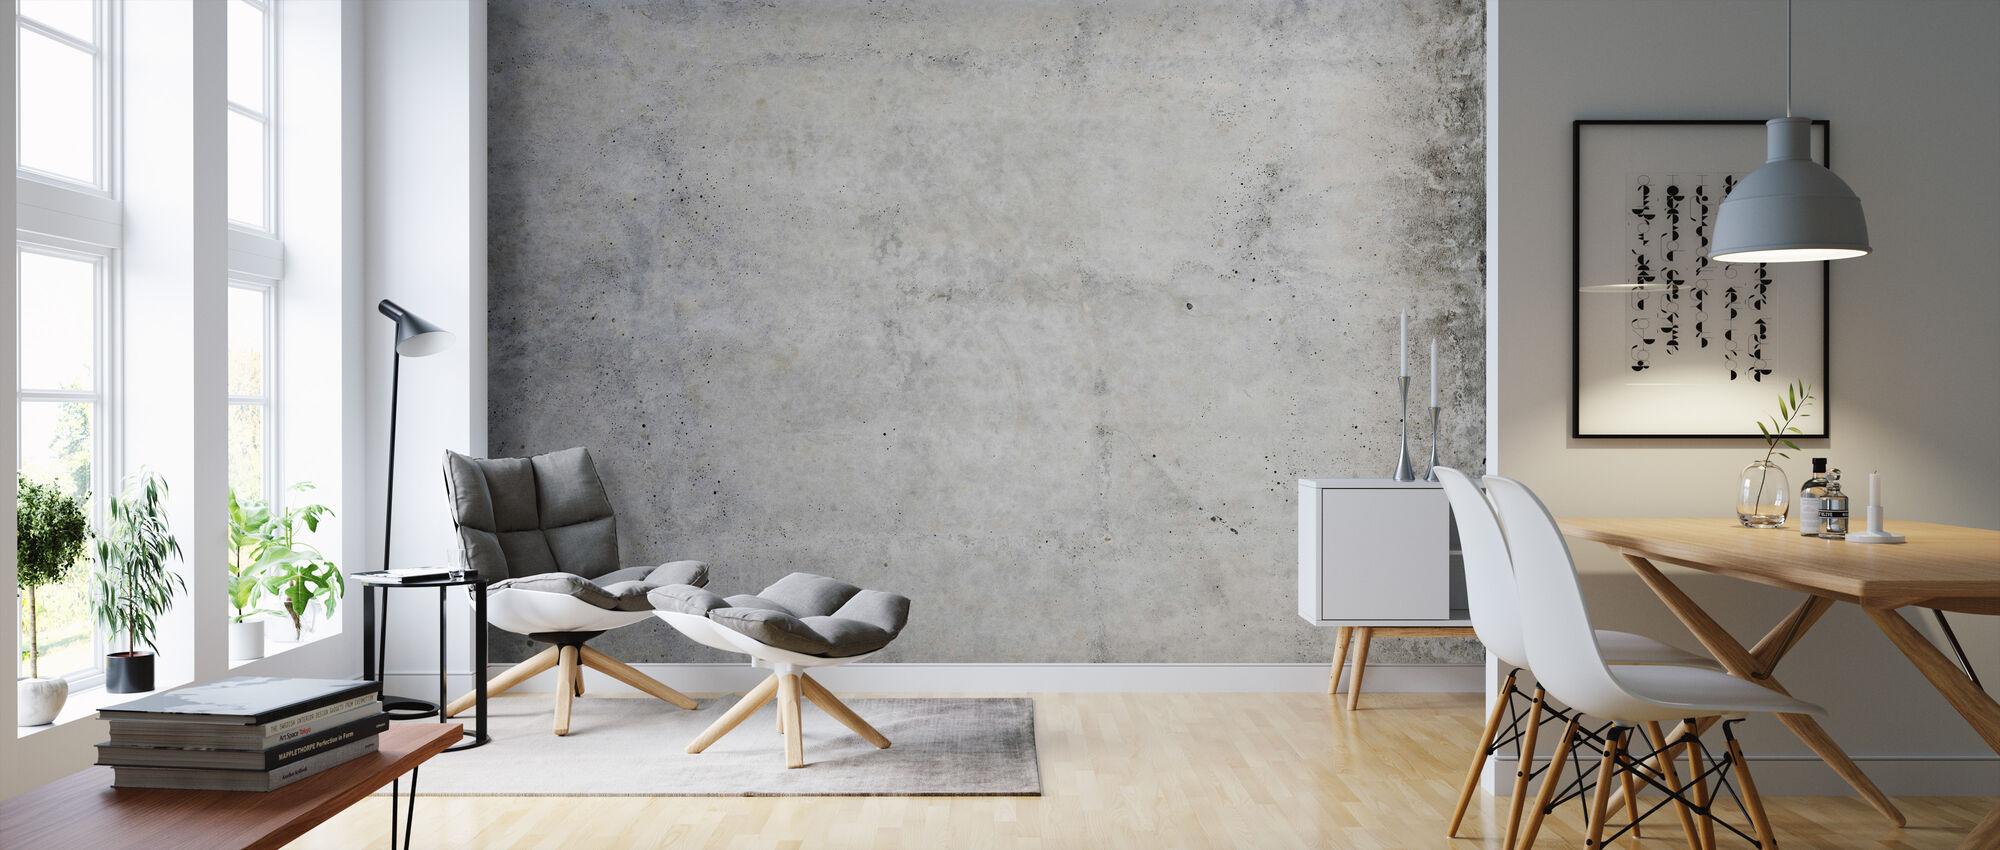 Flushed Concrete - Wallpaper - Living Room